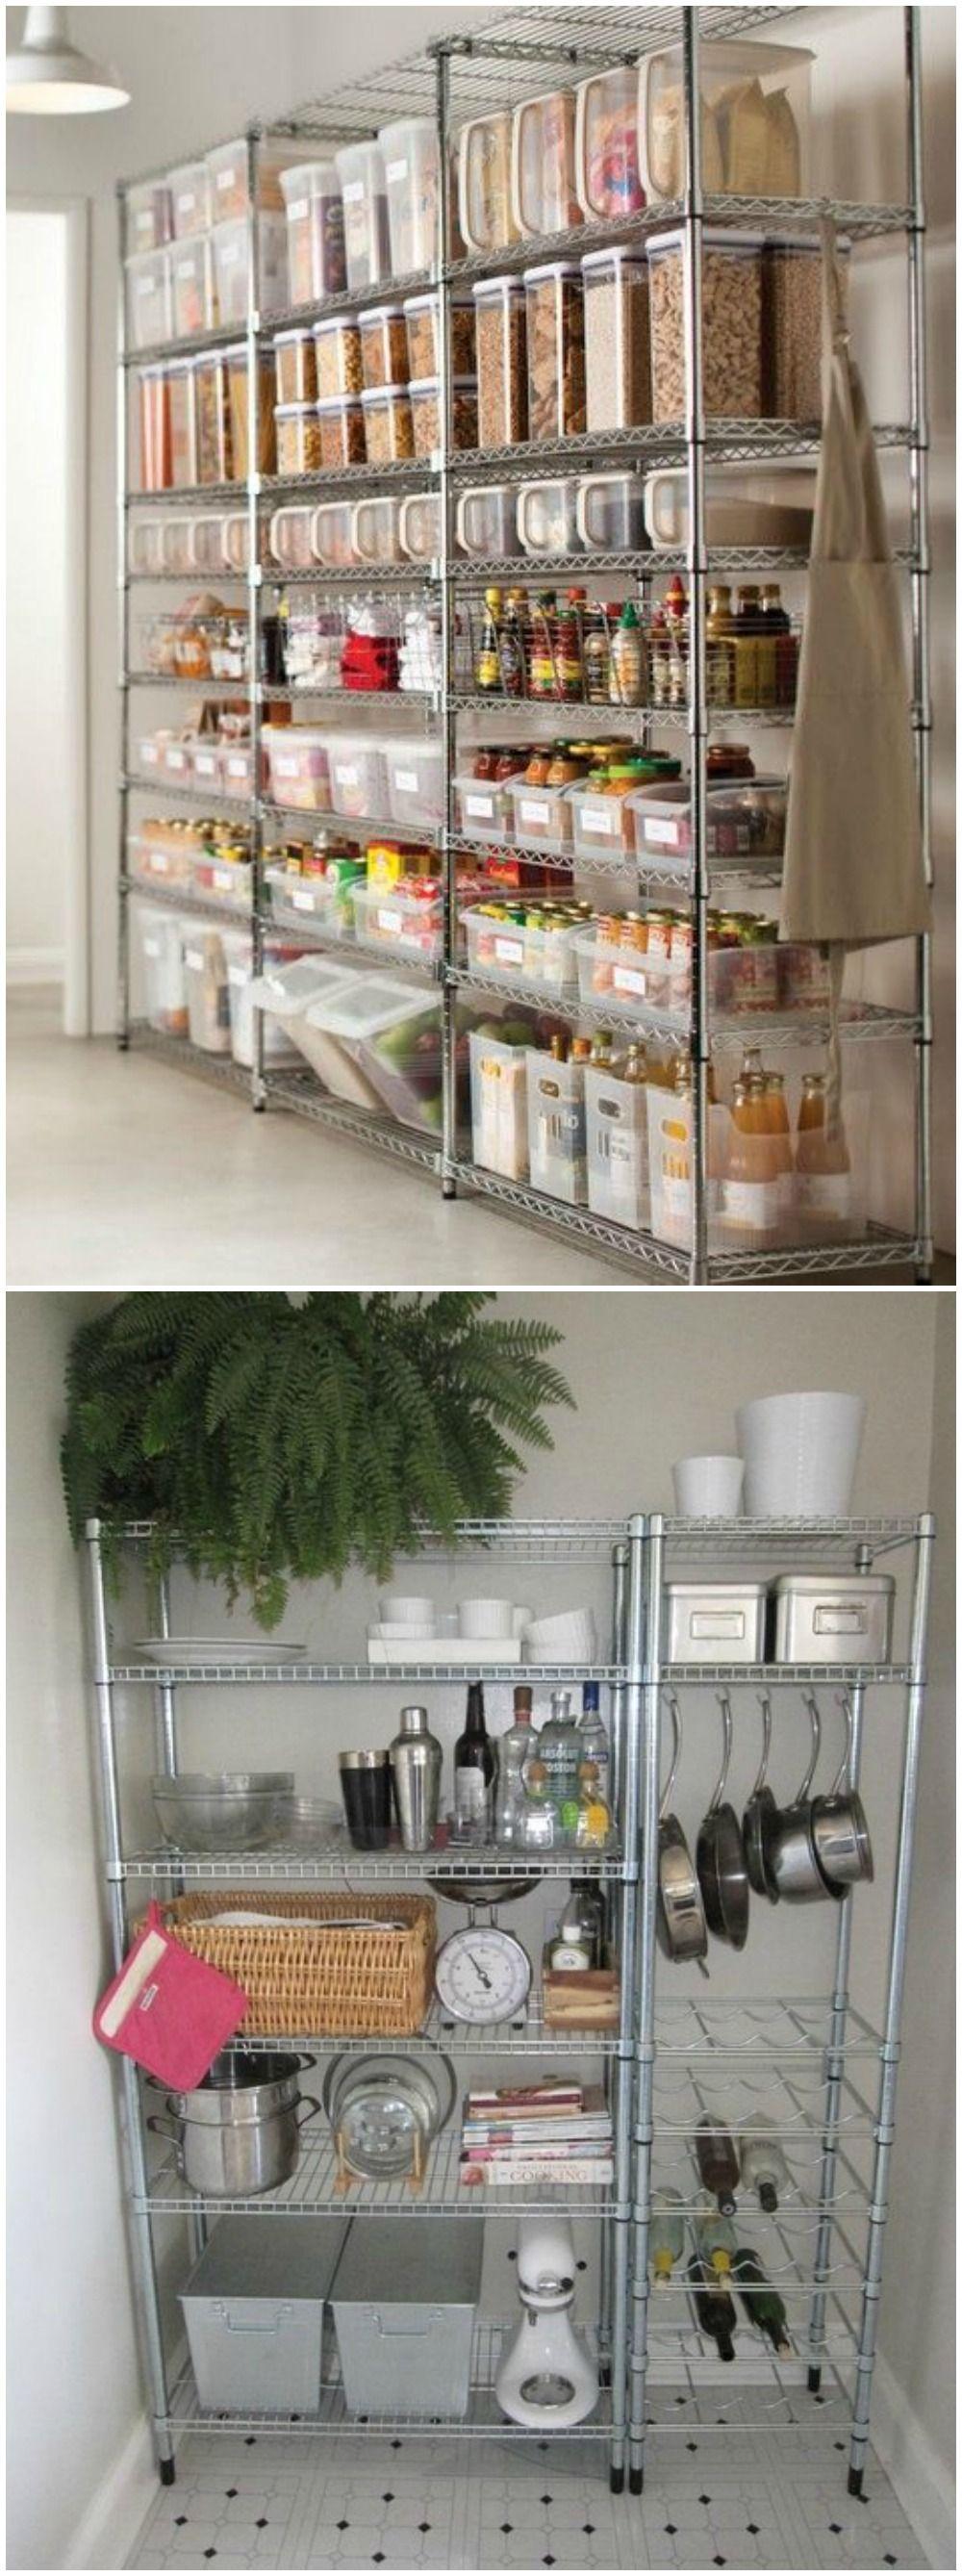 Estanterías metálicas. Visto en www.momocca.com | Haciendo hogar ...